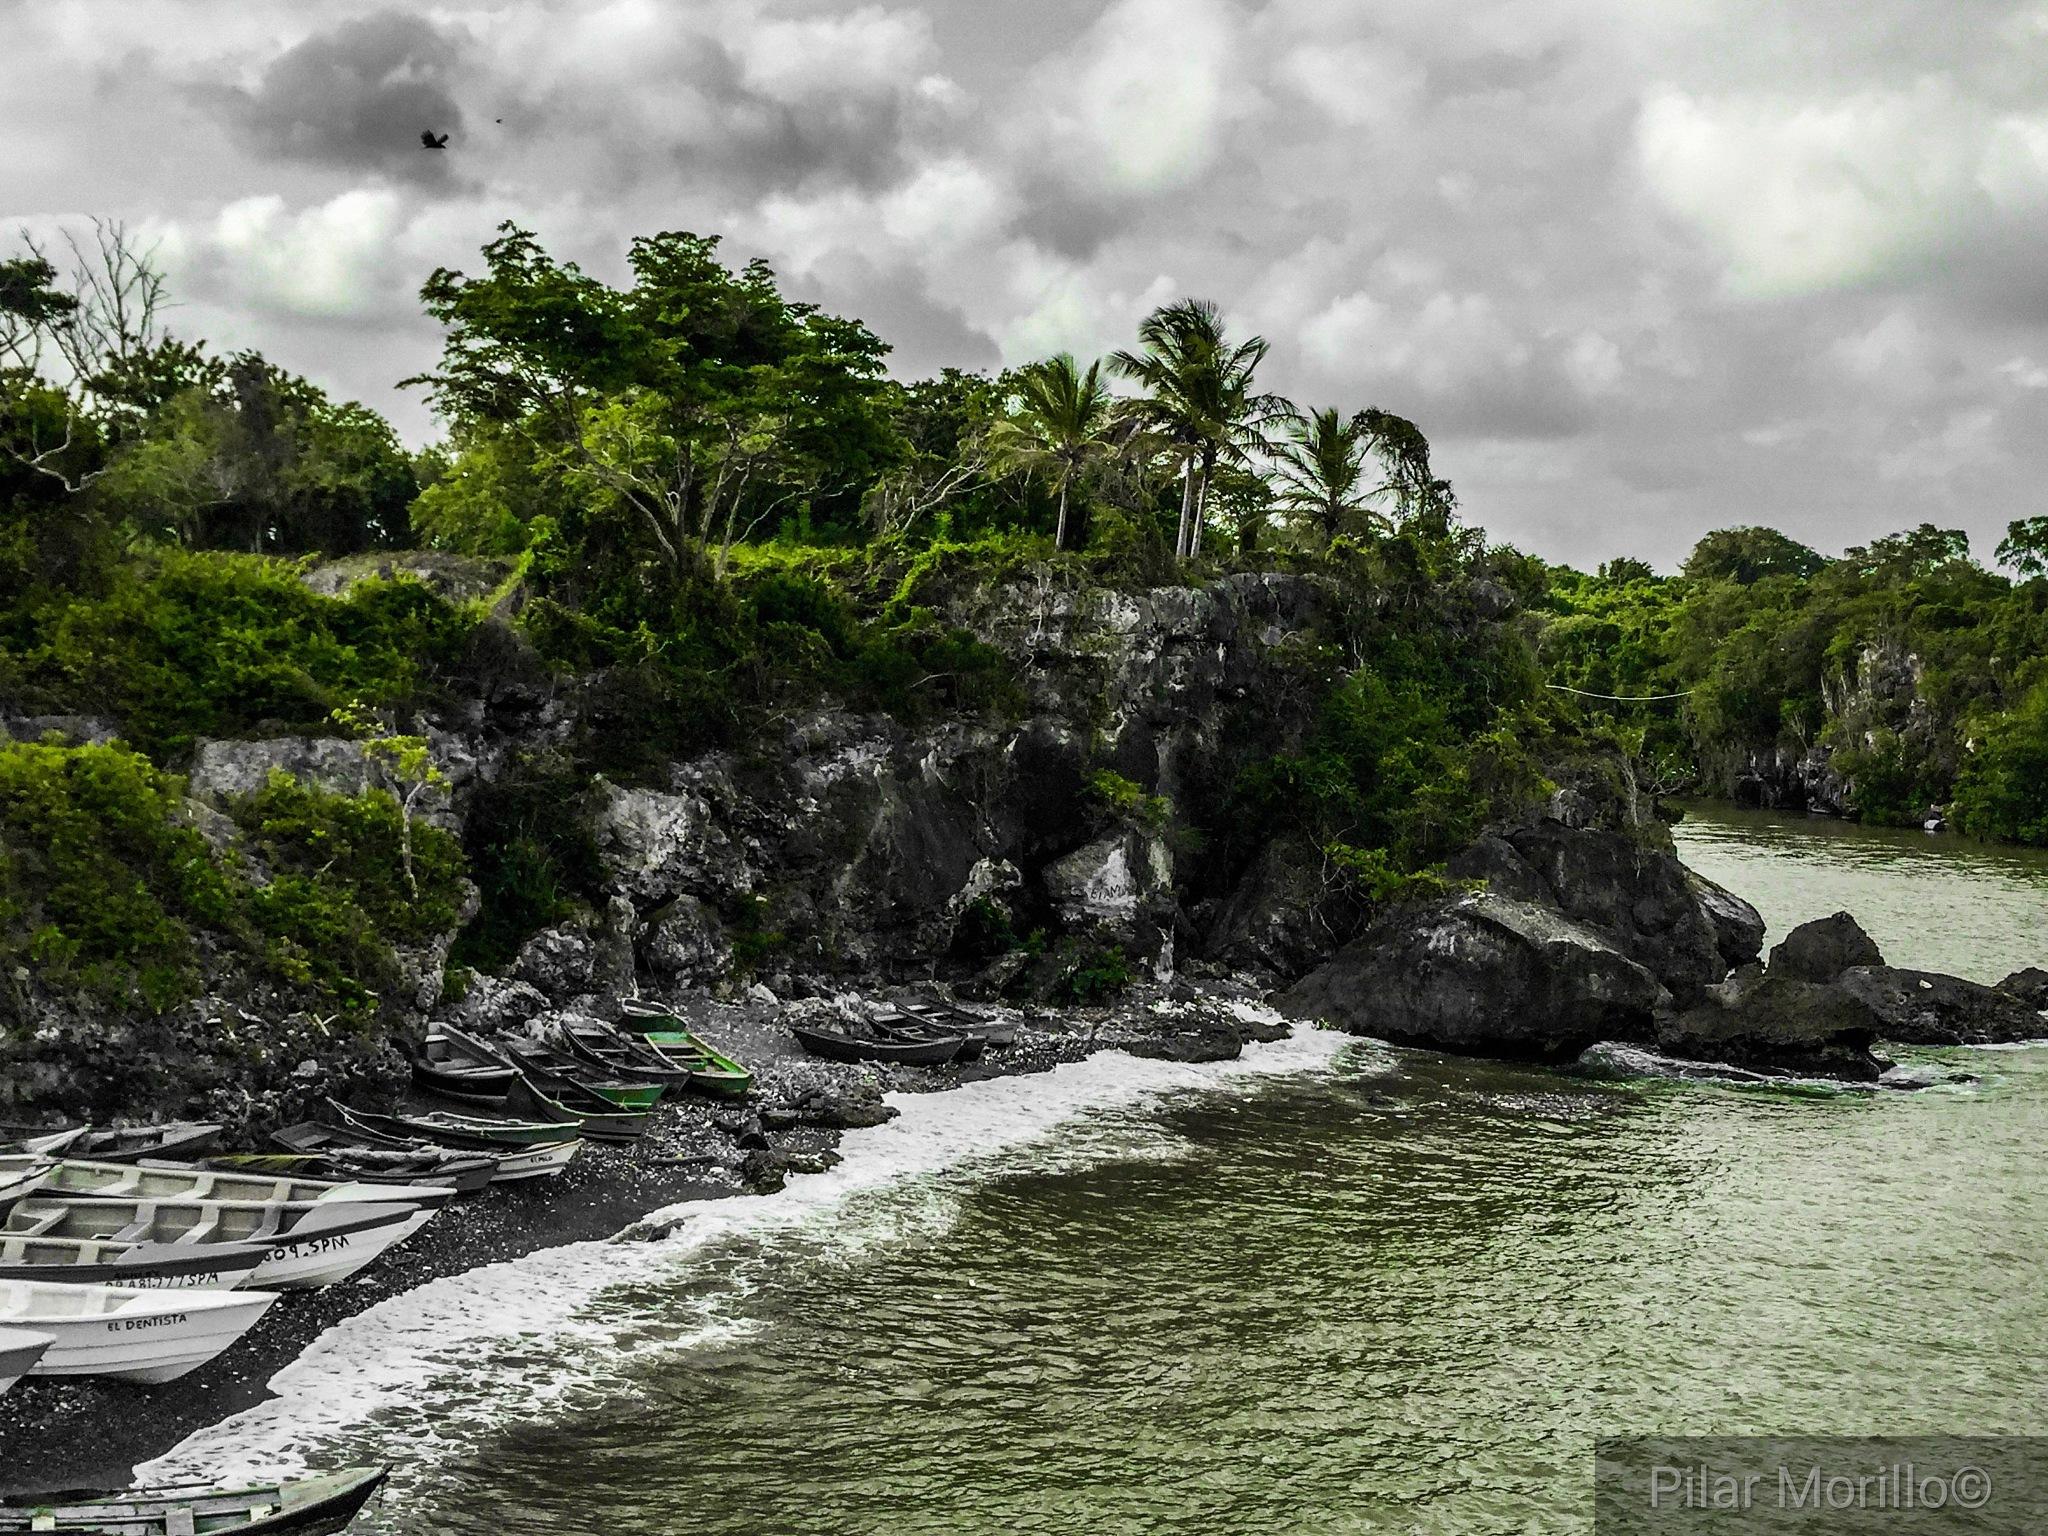 green sea by Pilar Morillo